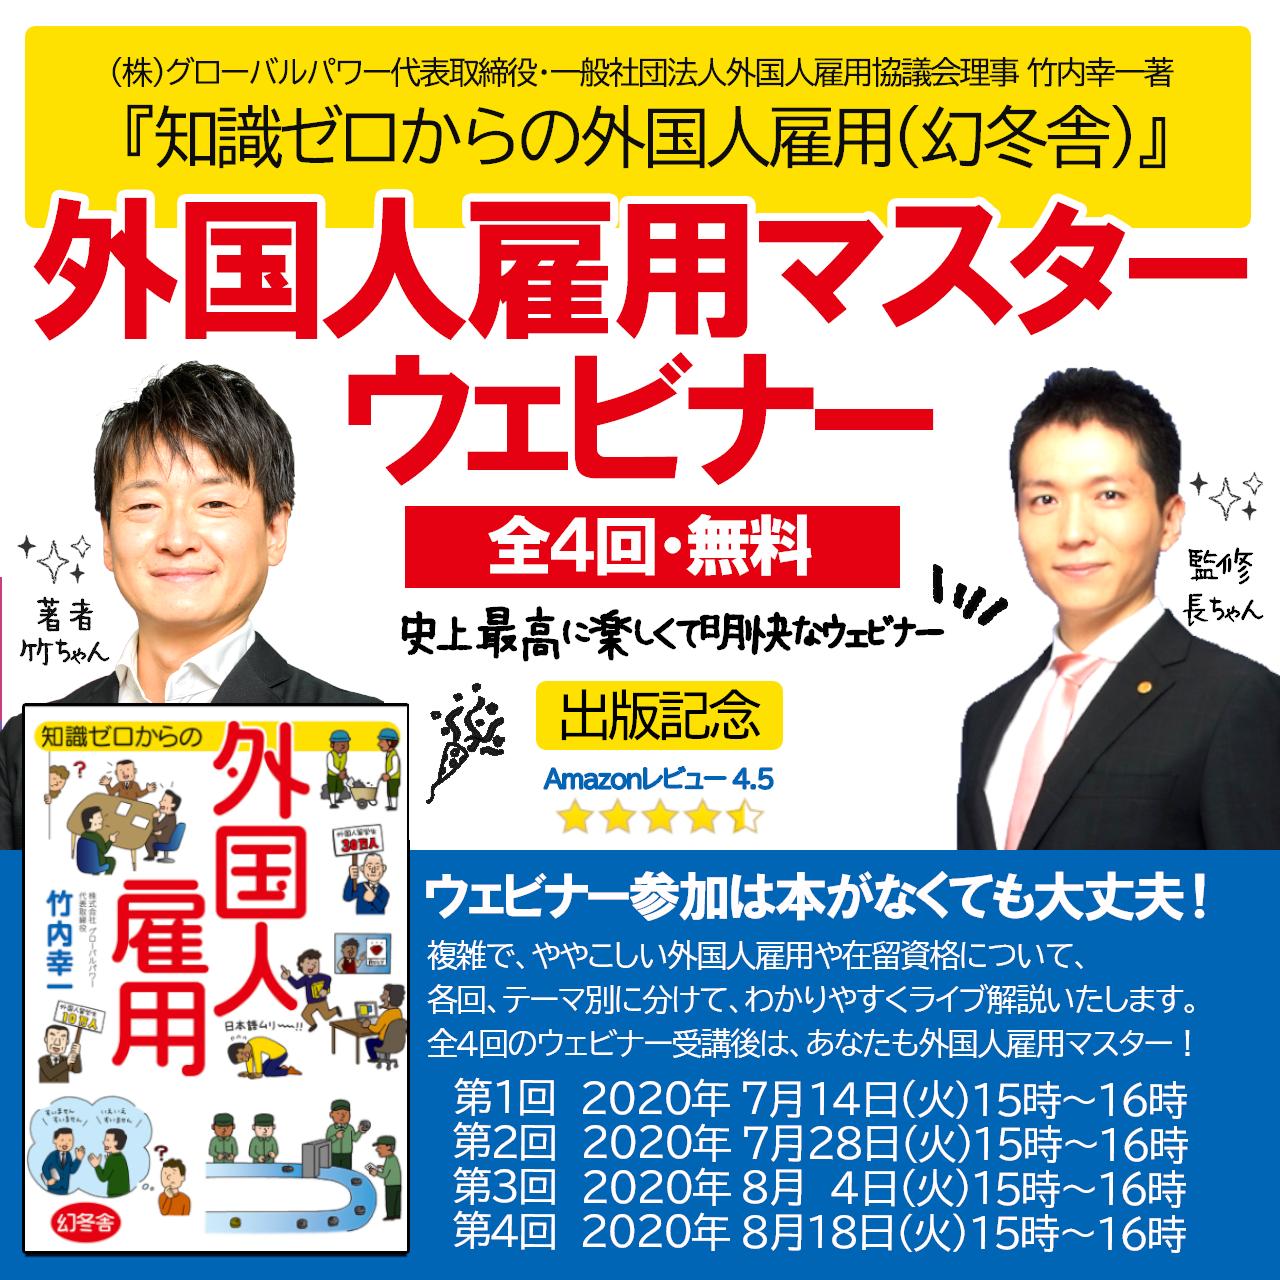 7/14~「外国人雇用マスターウェビナー(全4回・無料)」開催